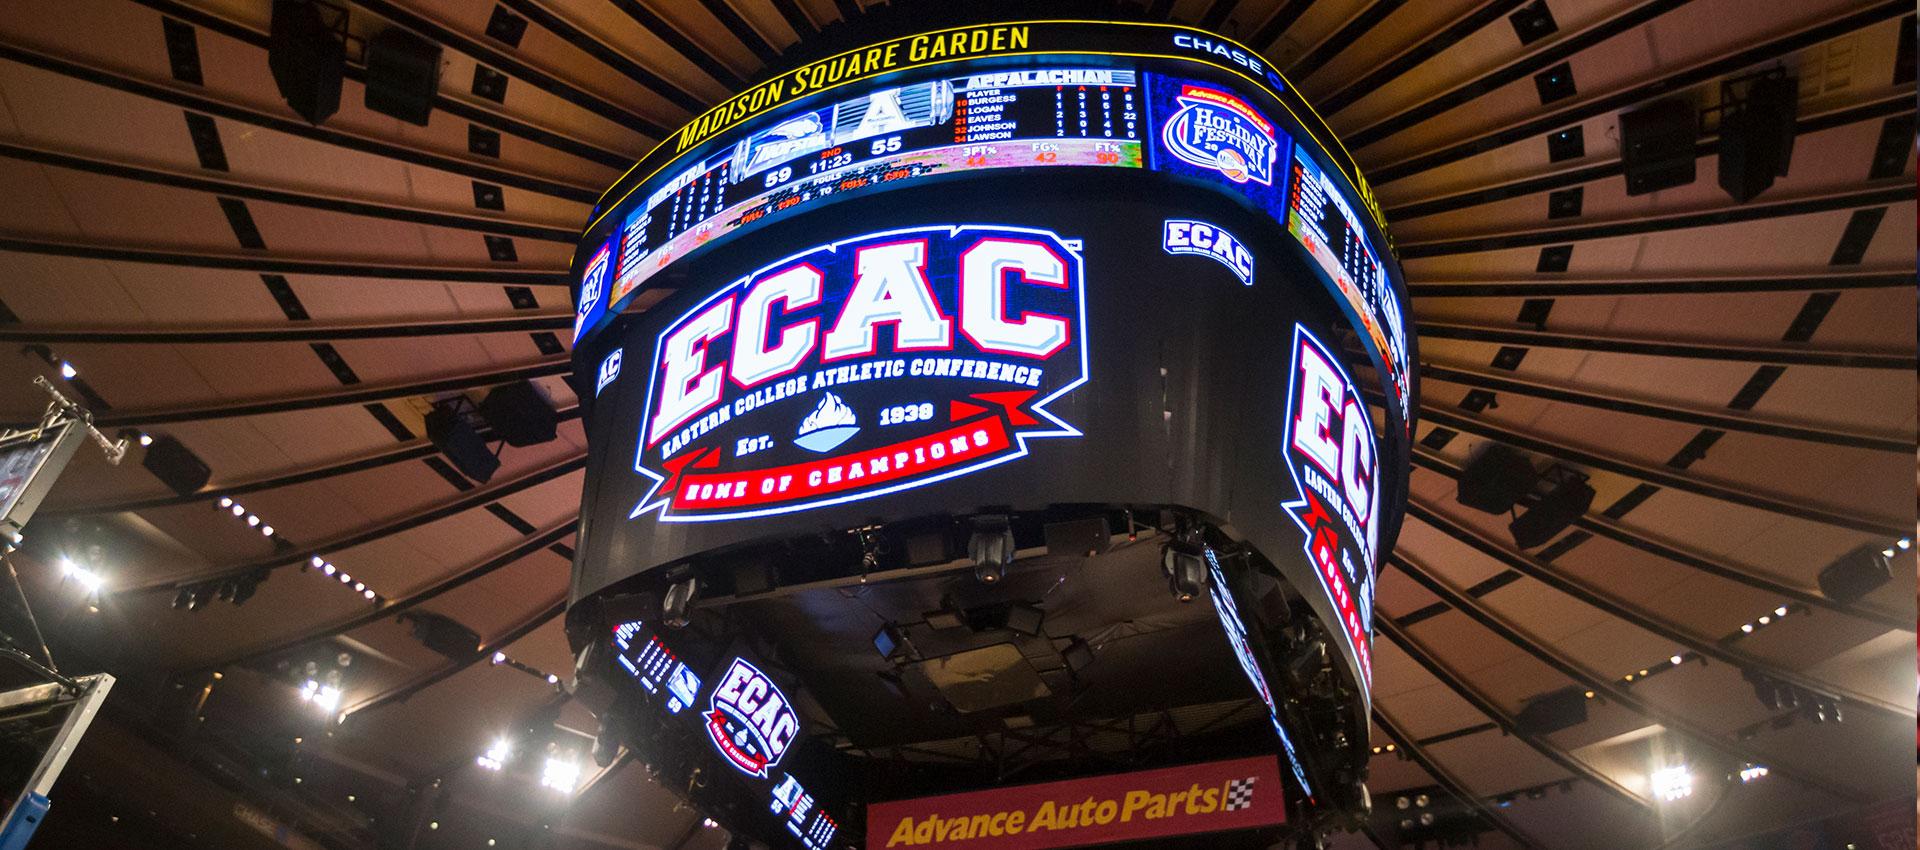 ECAC1